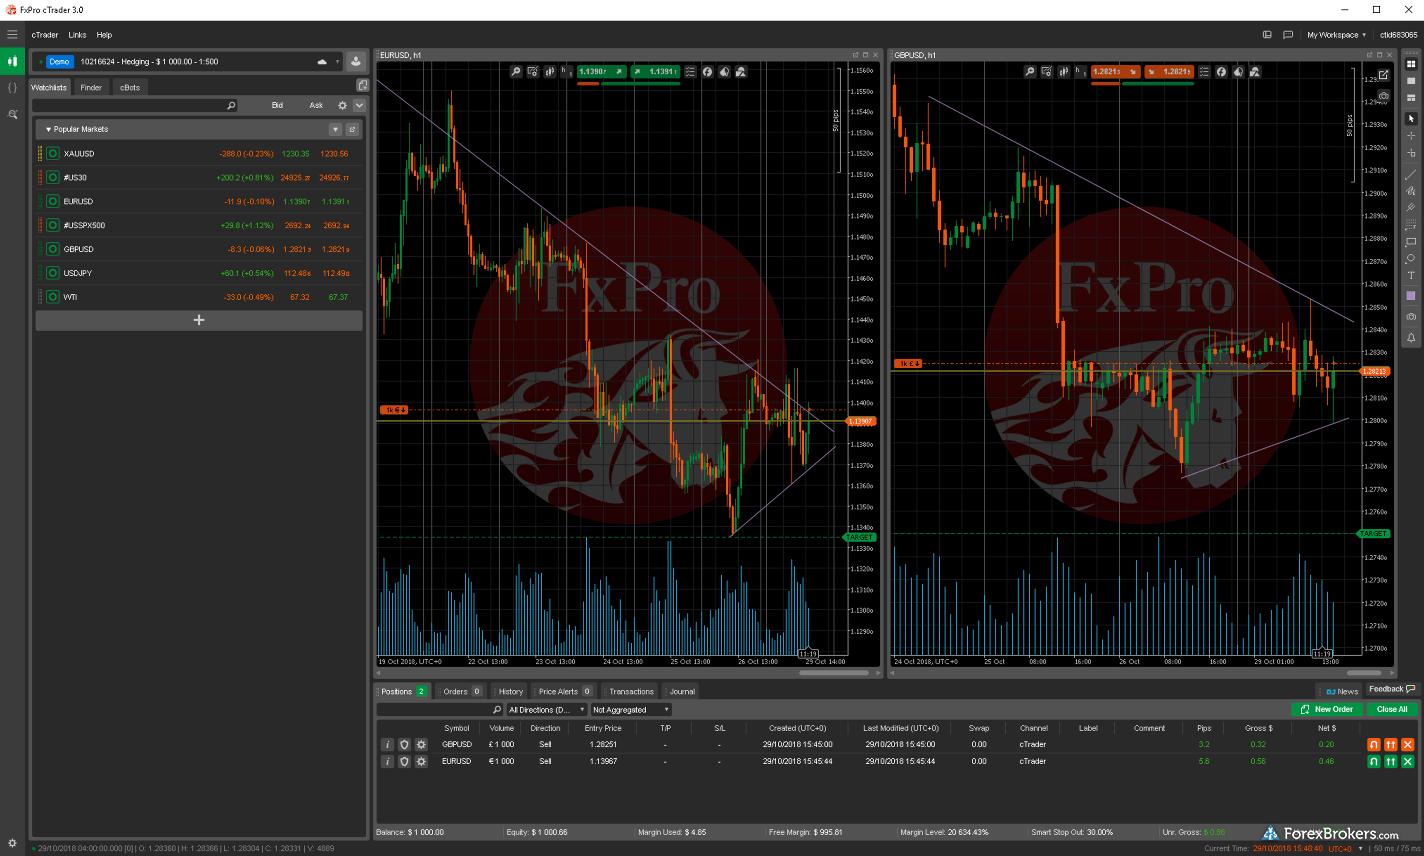 FxPro Desktop Platform